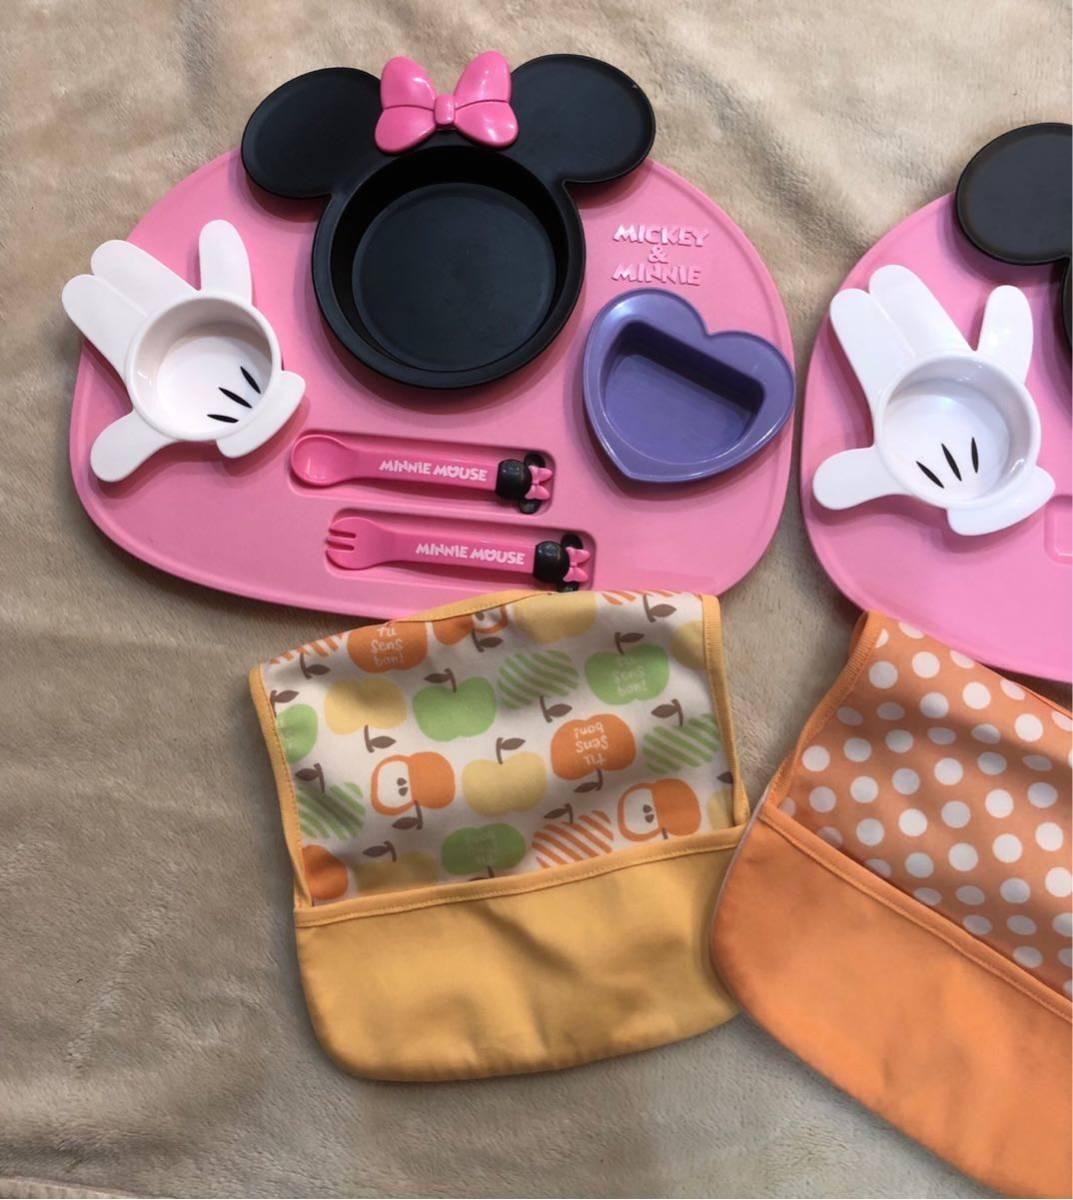 Disney ディズニーミニーちゃん ランチプレート 双子 年子 2個セットお食事エプロン ハーフバースデー 1歳お誕生日 お祝い 2歳 3歳 4歳